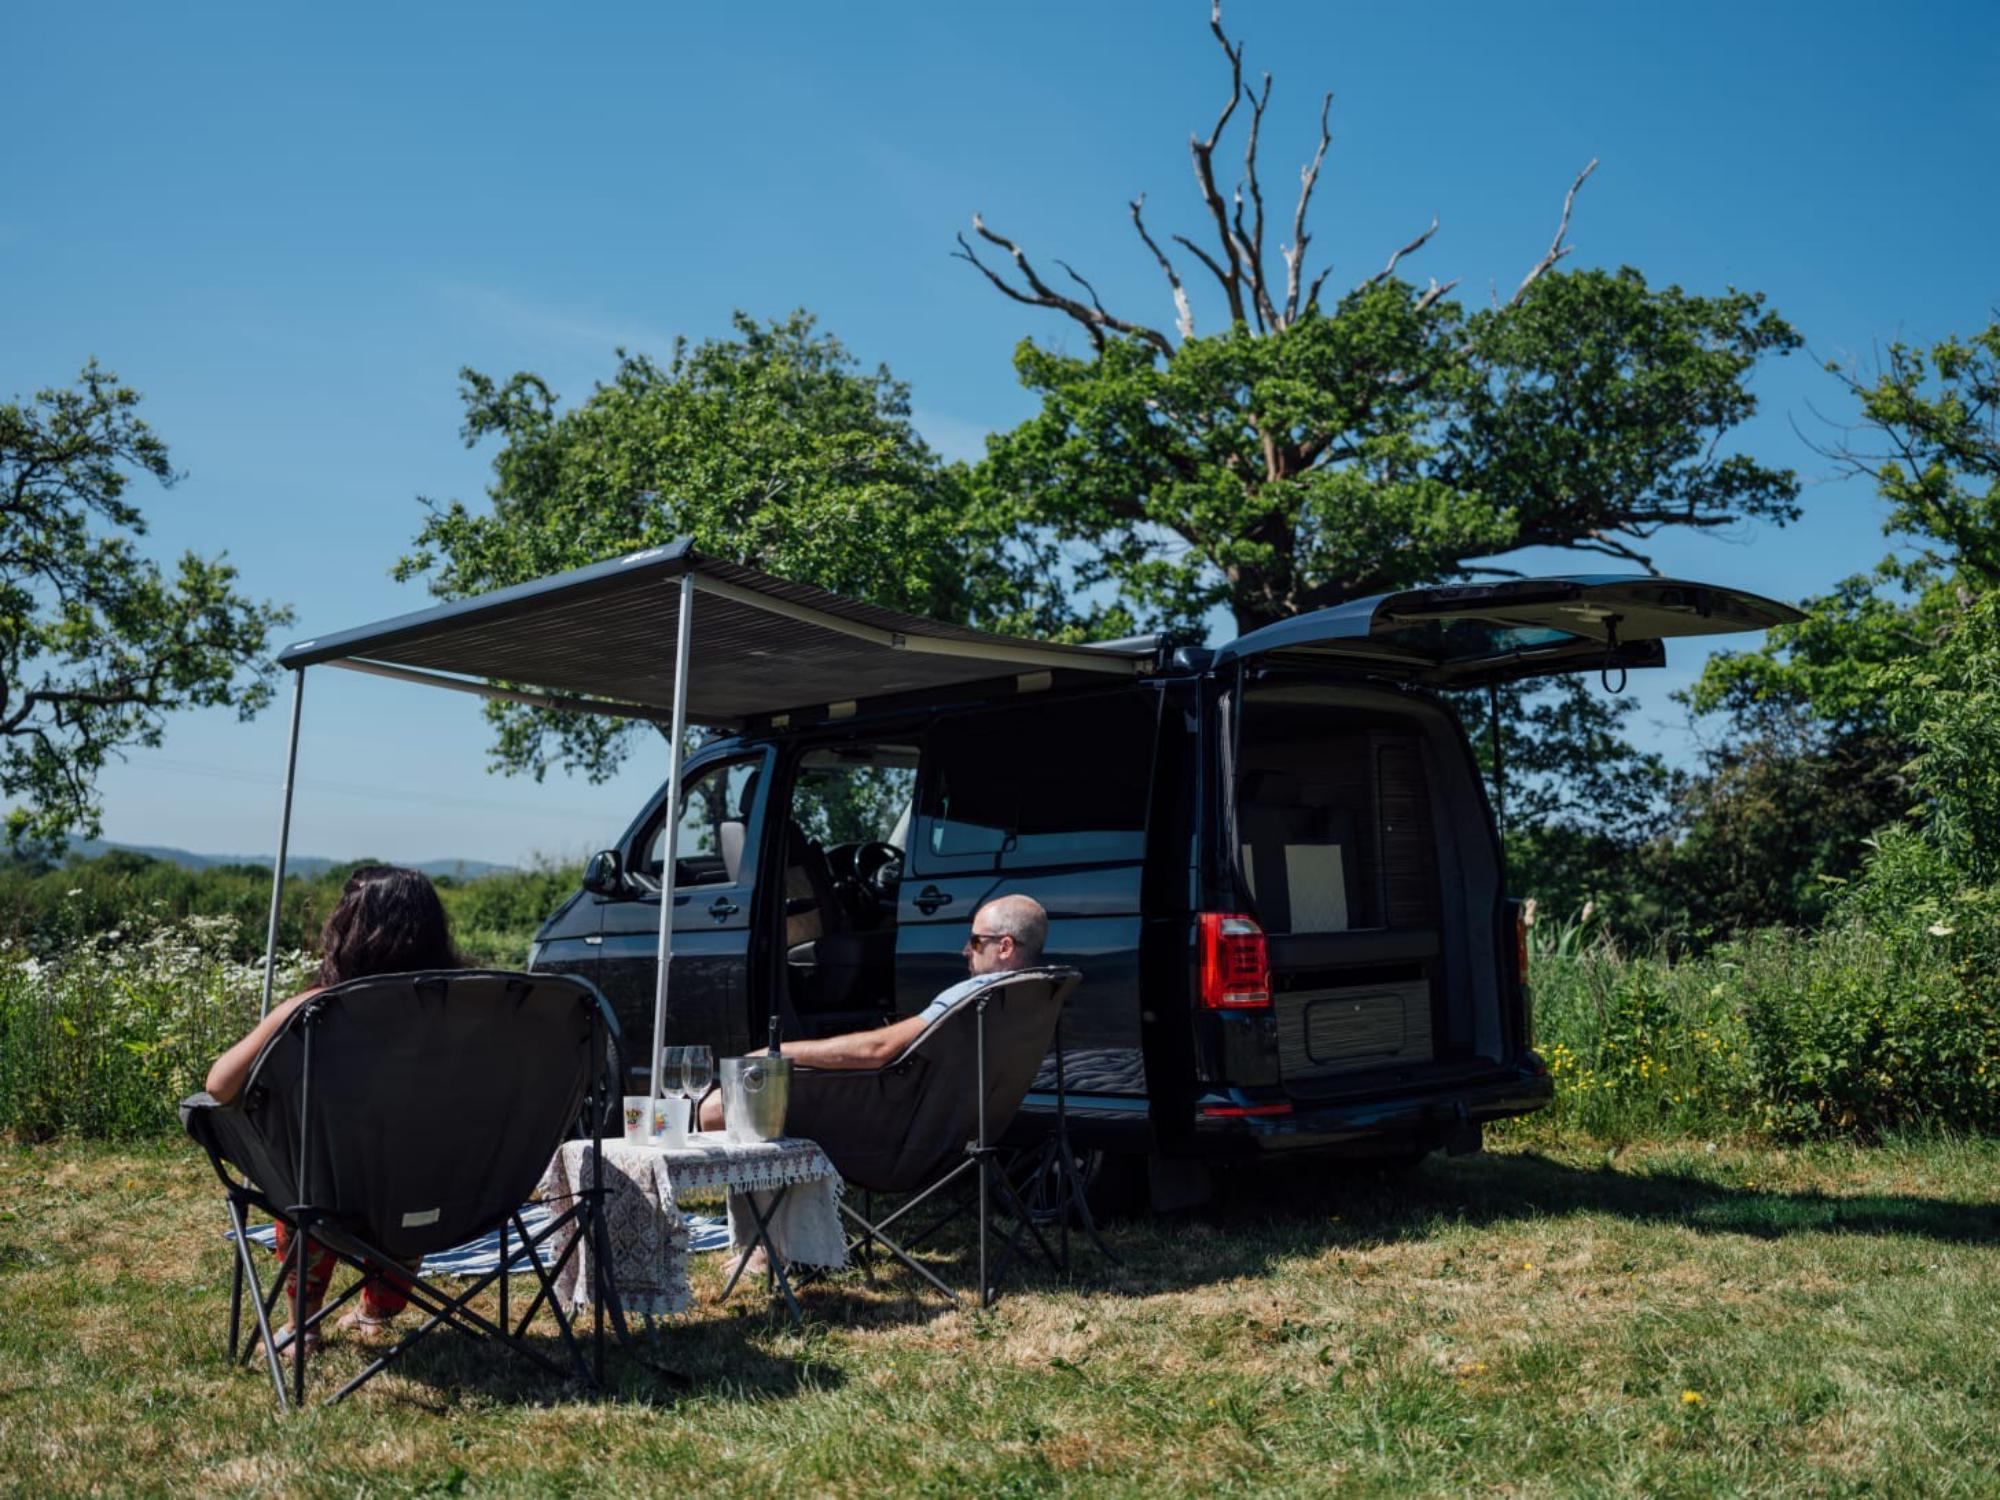 Campervan hire in Birmingham | Motorhome Rental in Birmingham